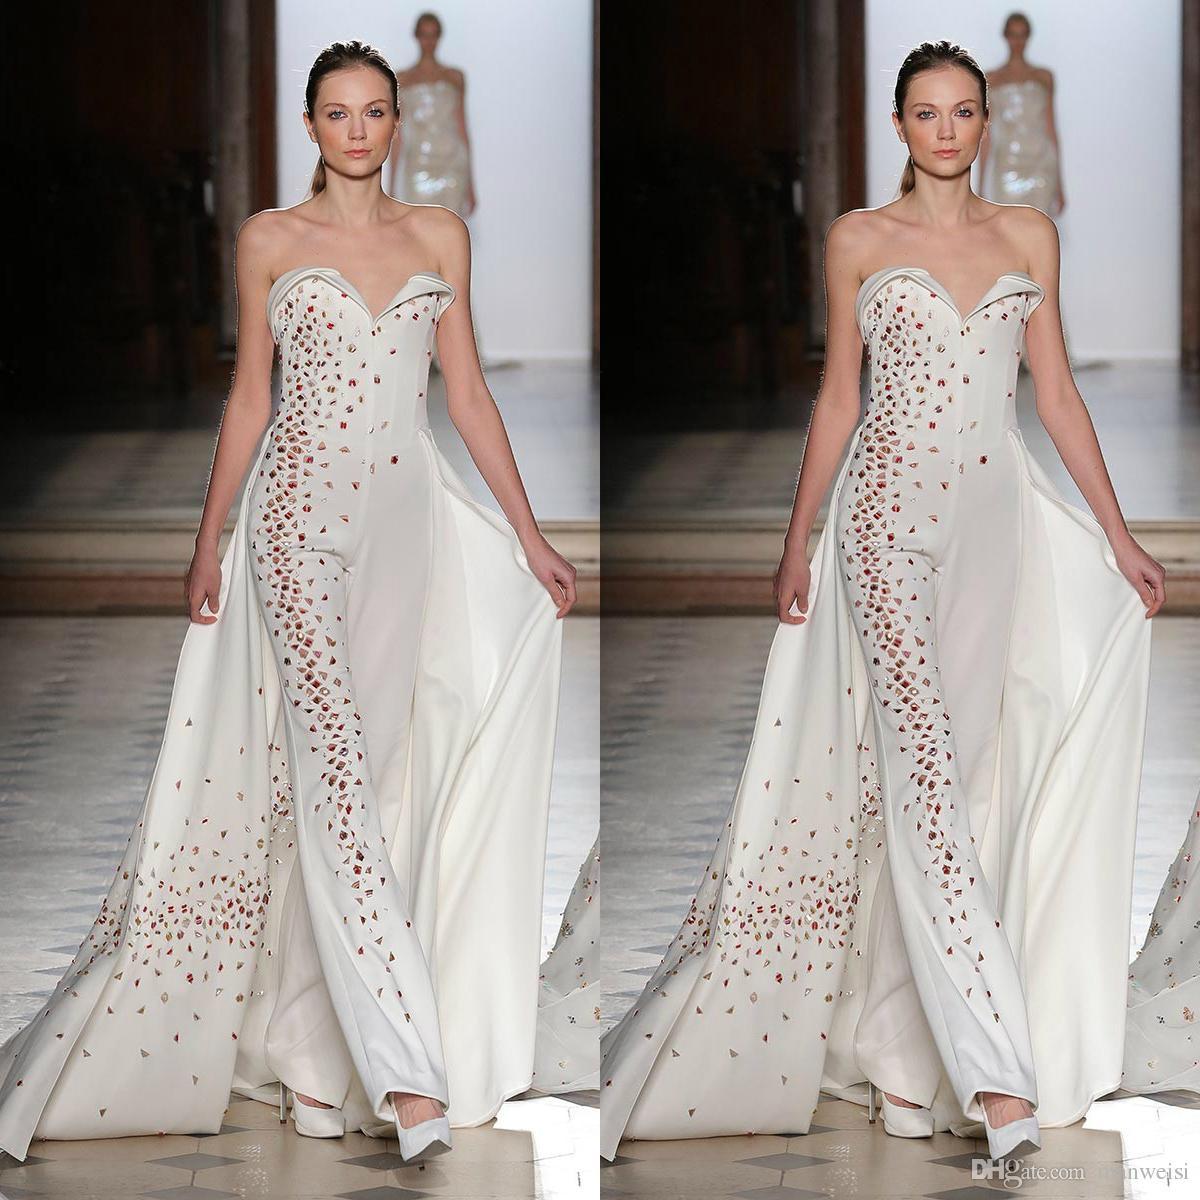 Prom Dress With Detachable Train: Tony Ward 2019 Jumpsuits Prom Dresses With Detachable